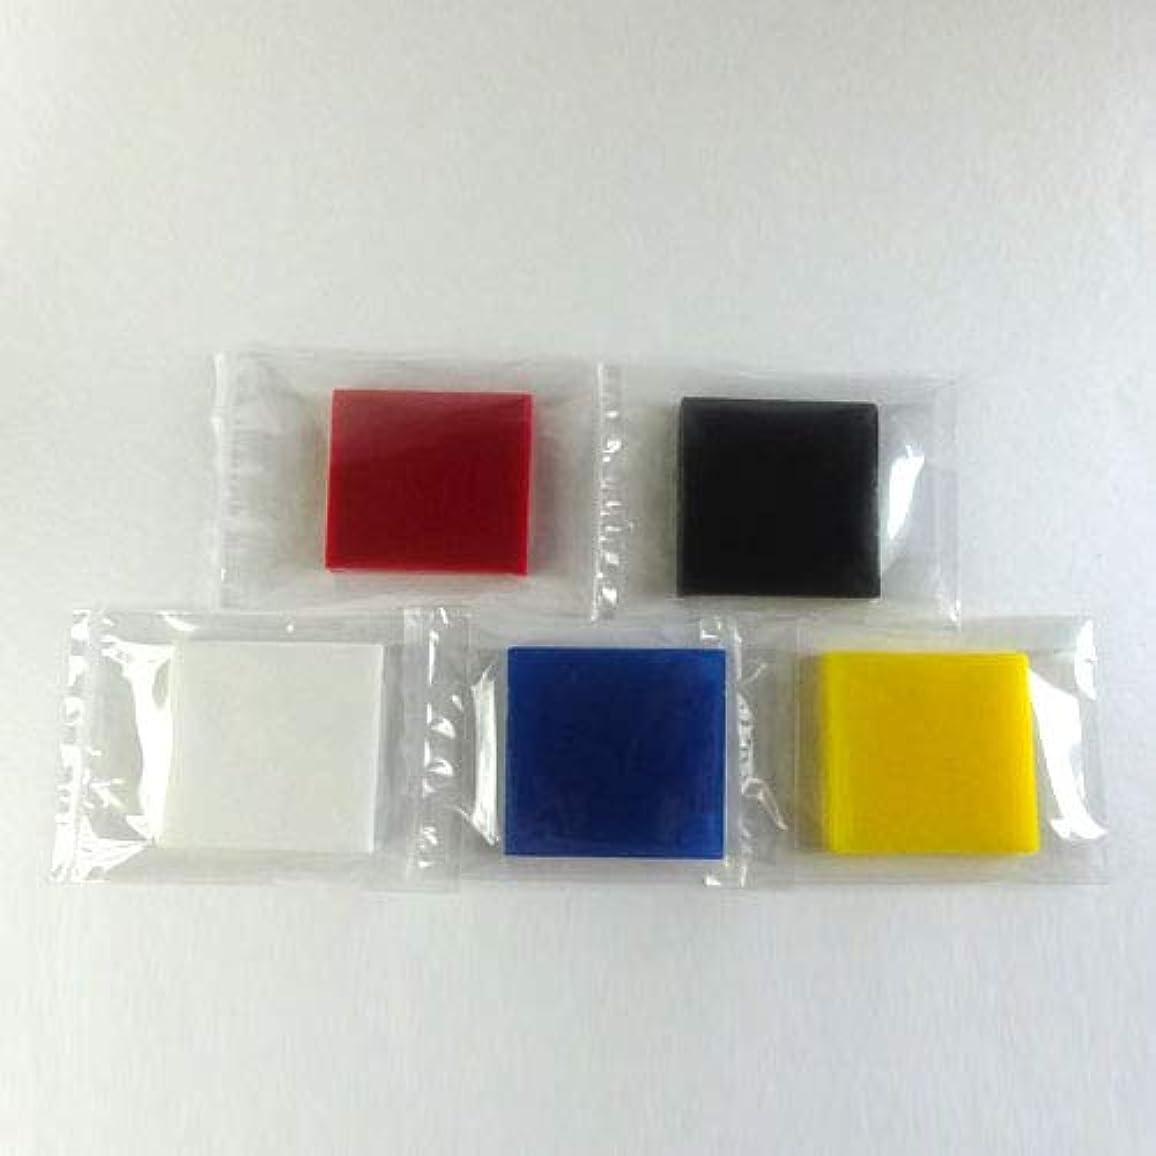 縮約モチーフすずめグリセリンソープ MPソープ 色チップ 5色(赤?青?黄?白?黒) 各60g(30g x 2pc)